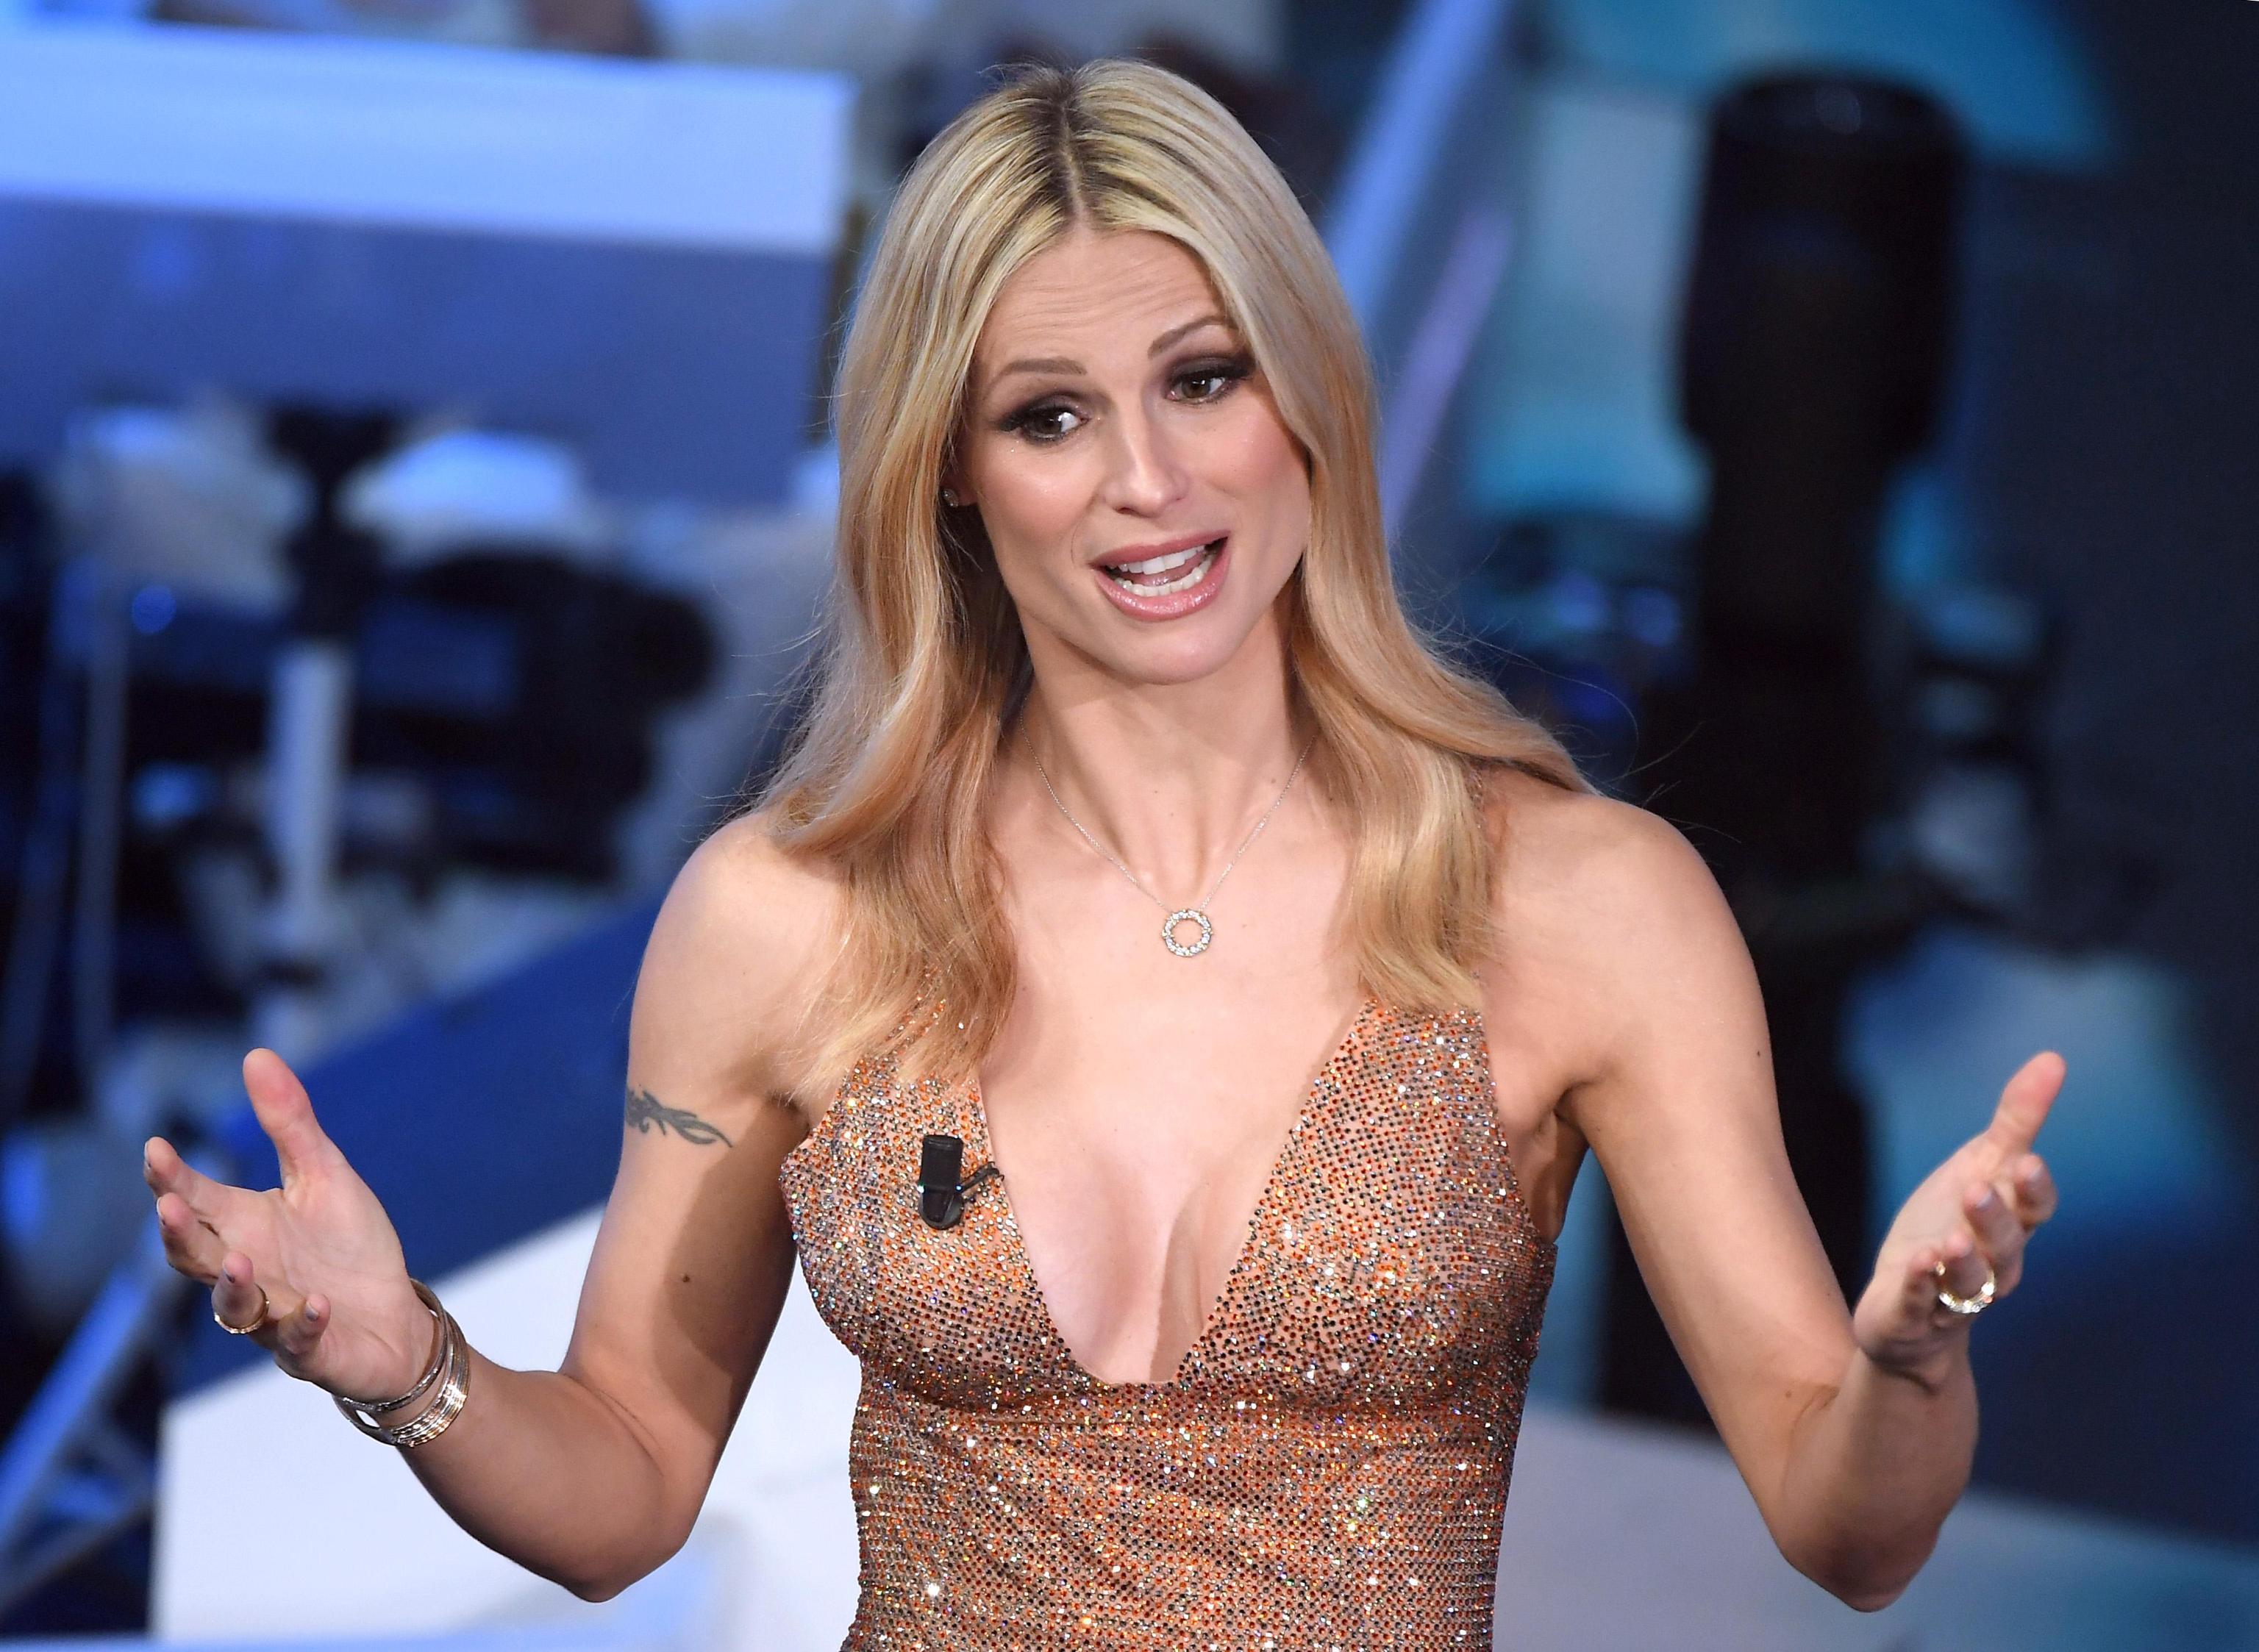 Michelle con gioielli Tiffany nella serata finale di Sanremo